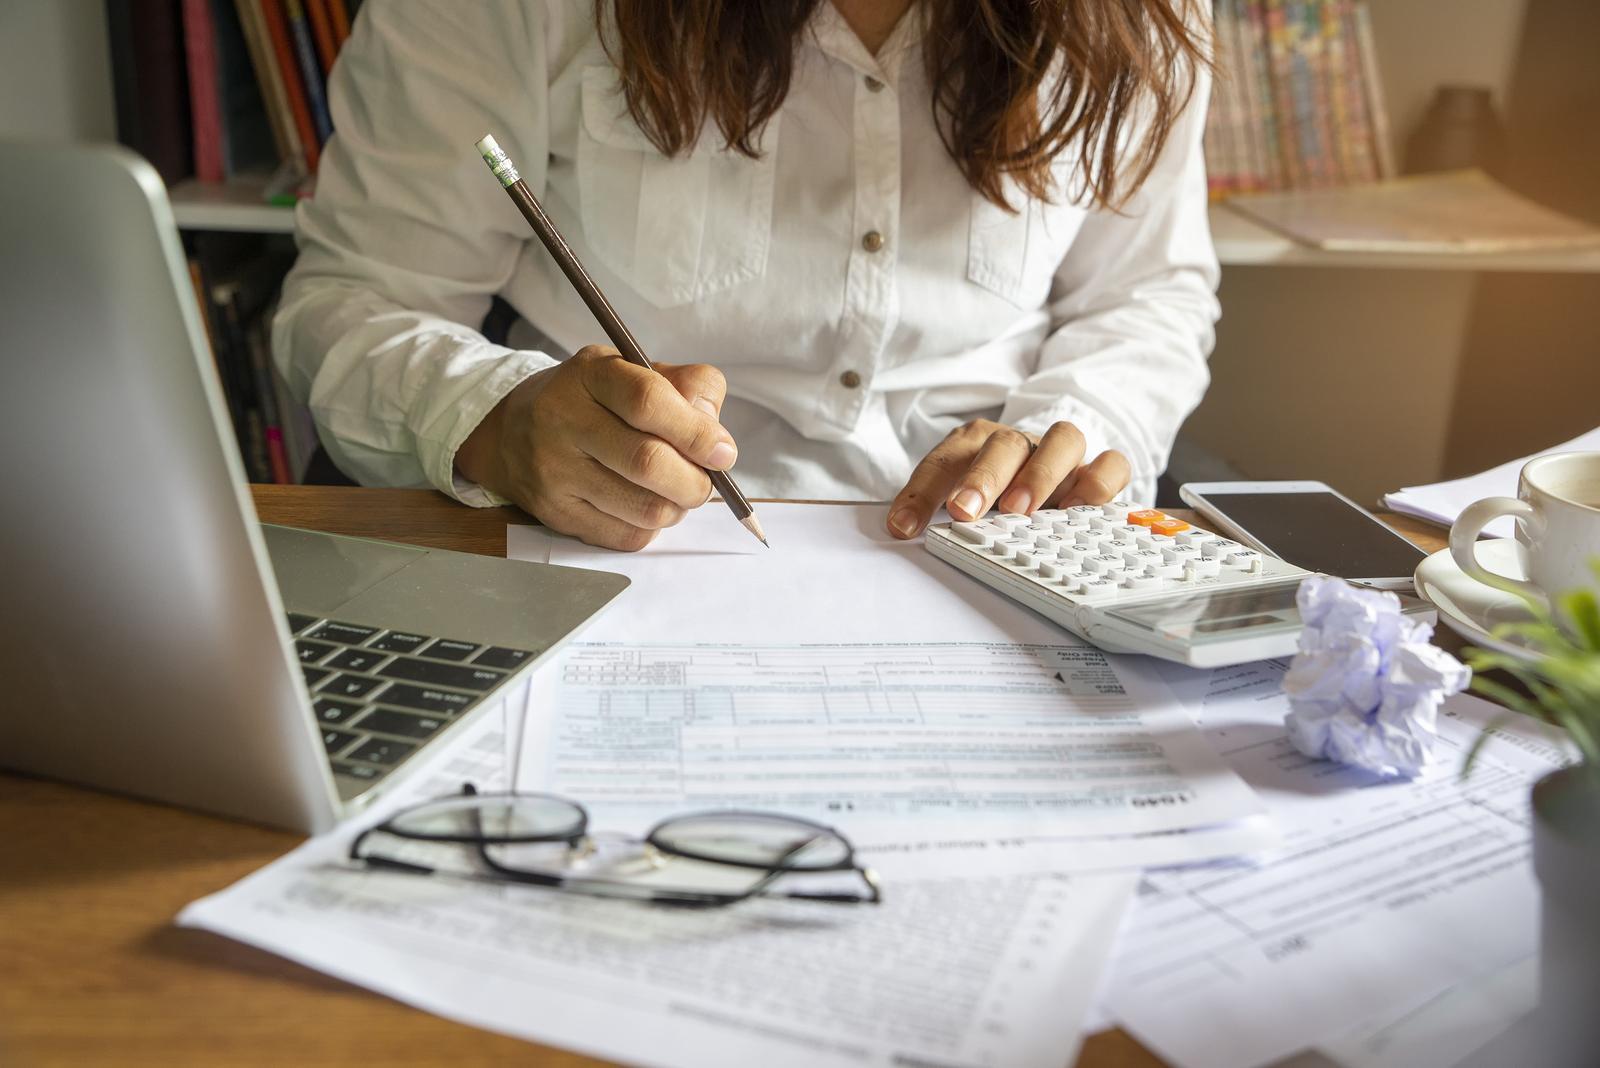 В июле истекают сроки предоставления многих налоговых отчетностей